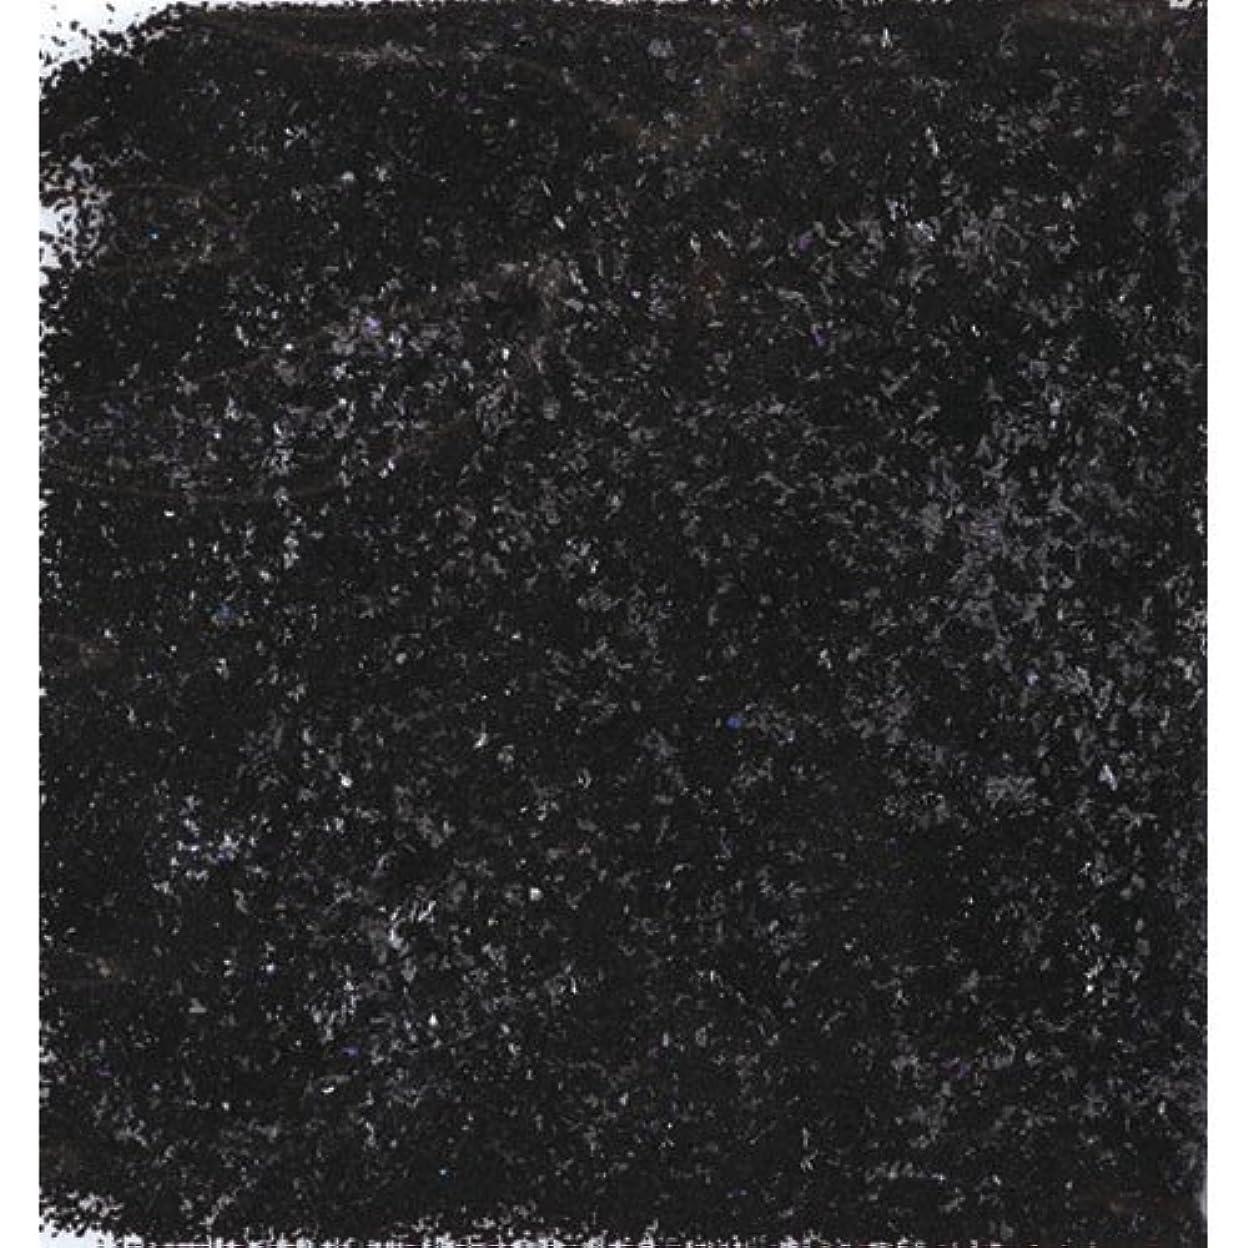 治安判事柱ボトルネックピカエース ネイル用パウダー シャインフレーク #720 黒色 0.3g